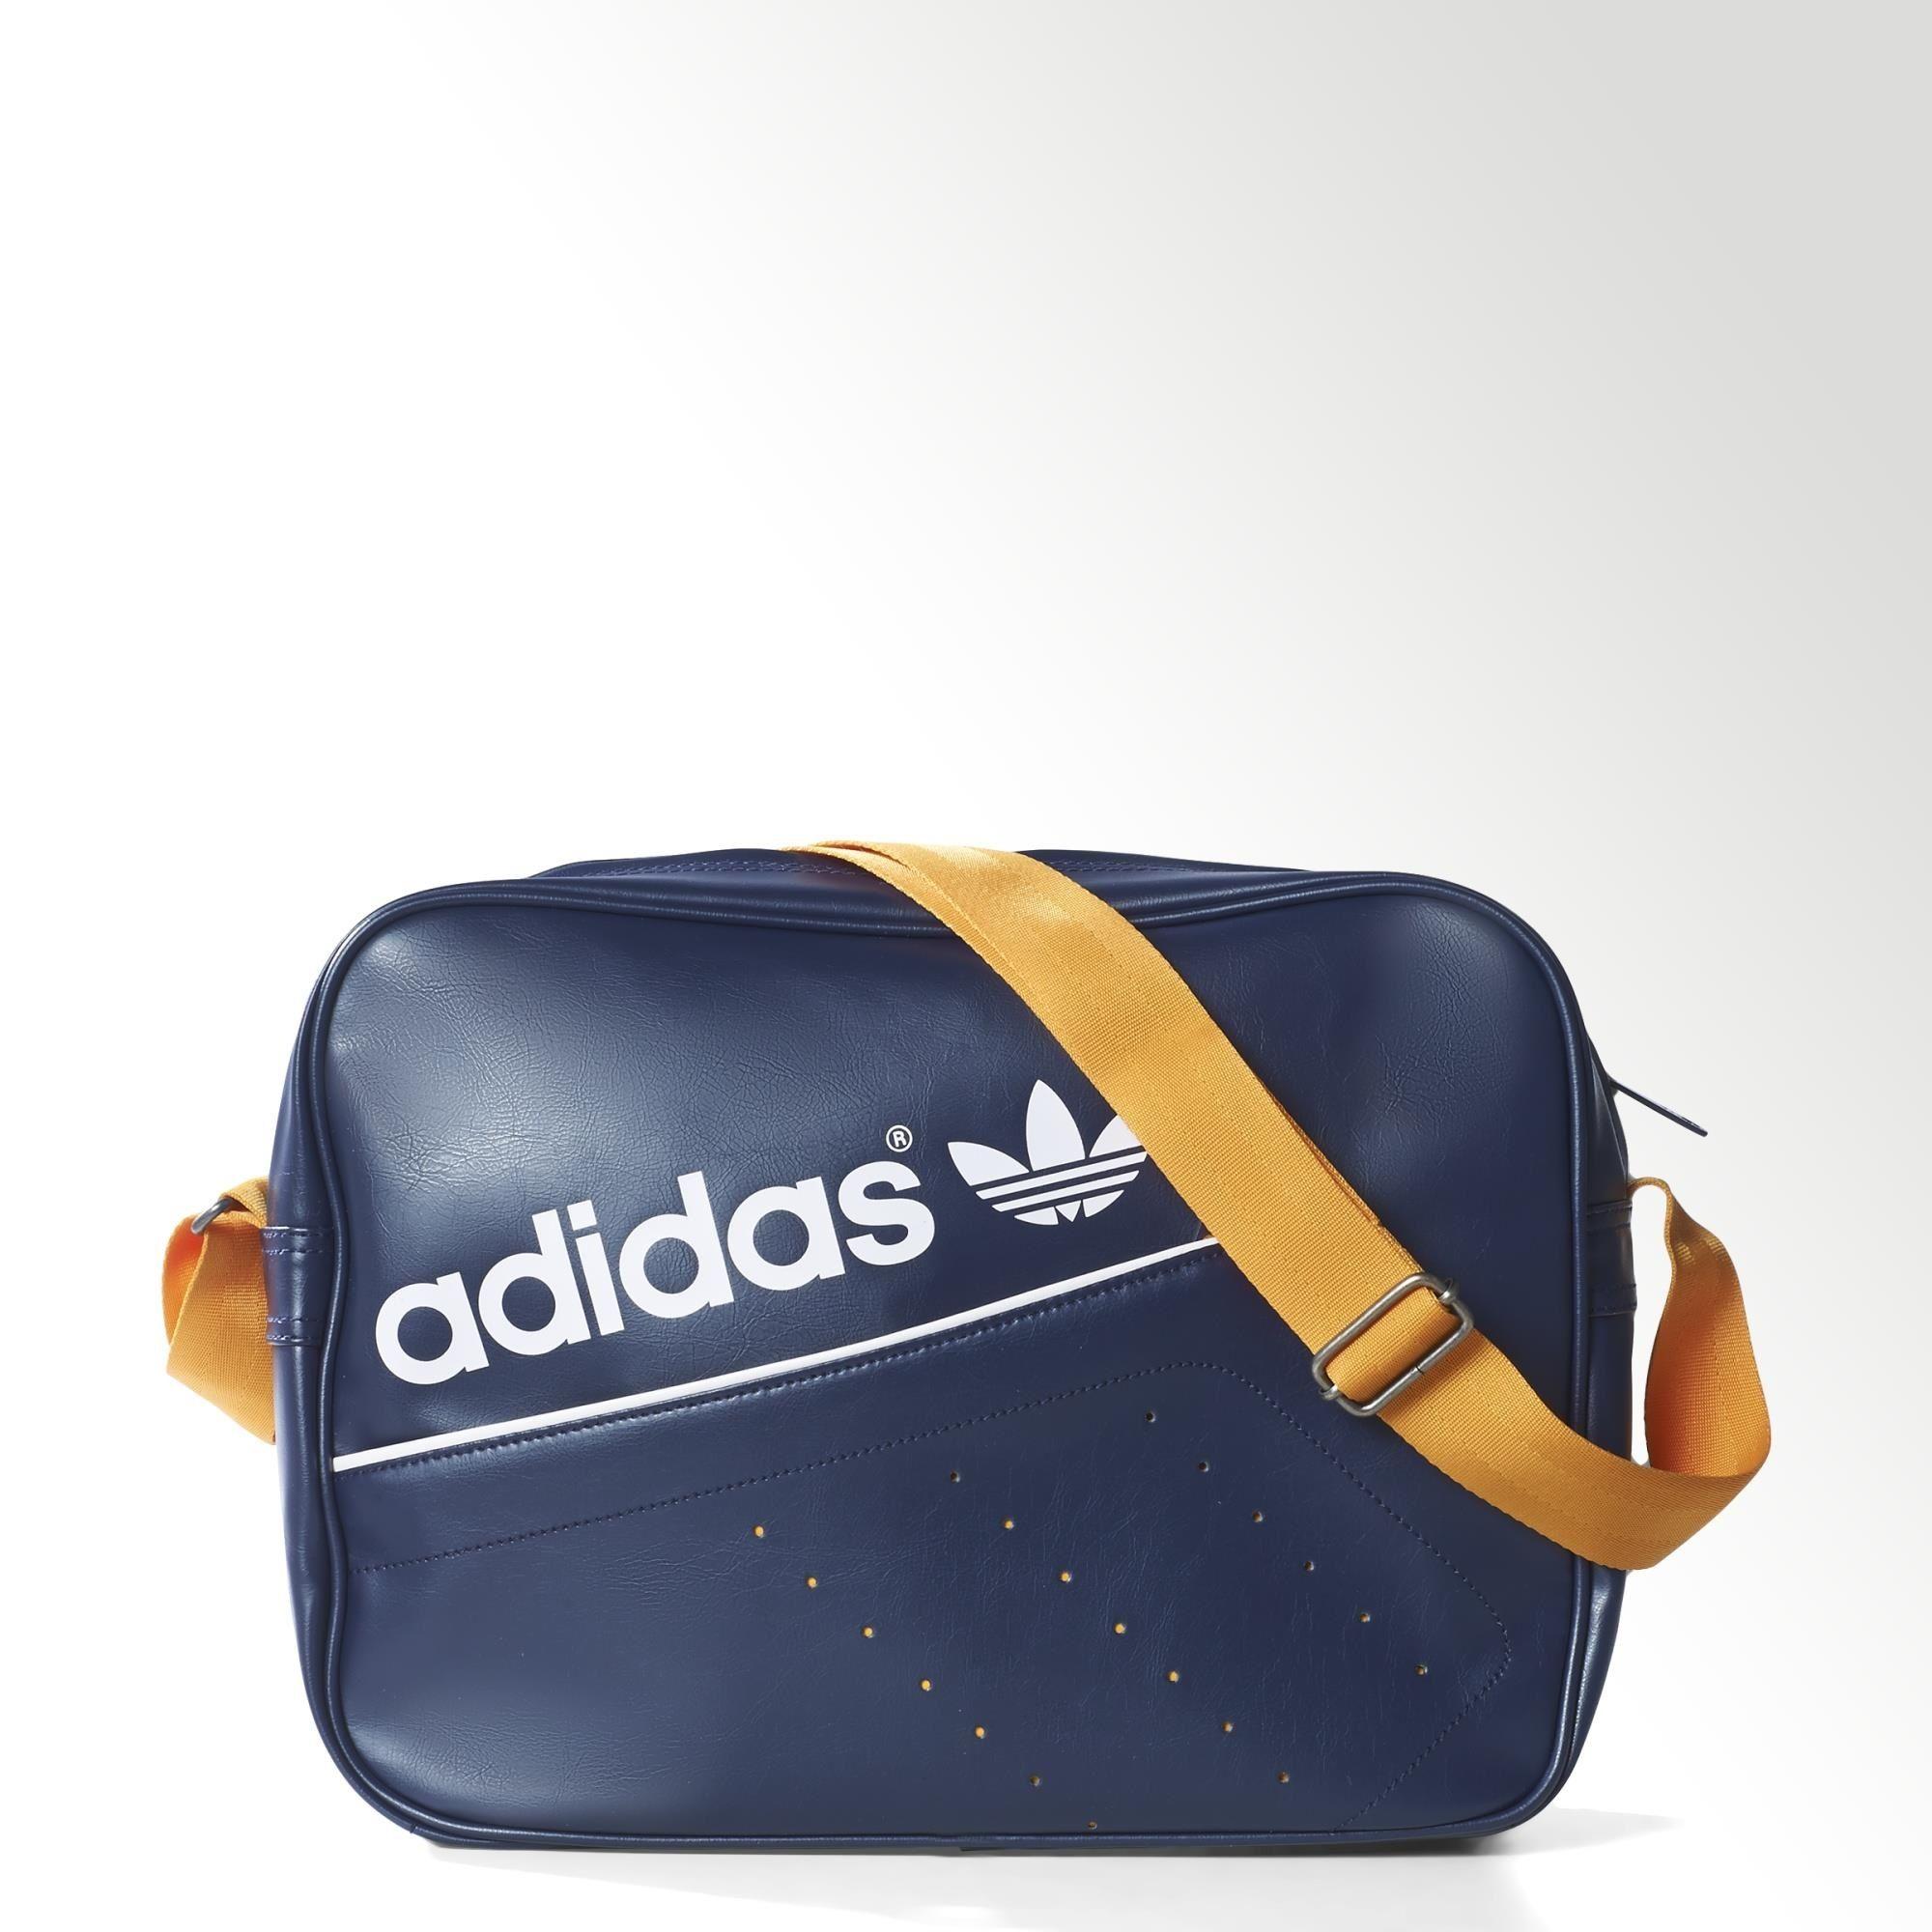 d2f0bdc7d4 DOD - Le sac bandoulière perforé Airliner affiche un style inspiré des  bagages à mains vintage